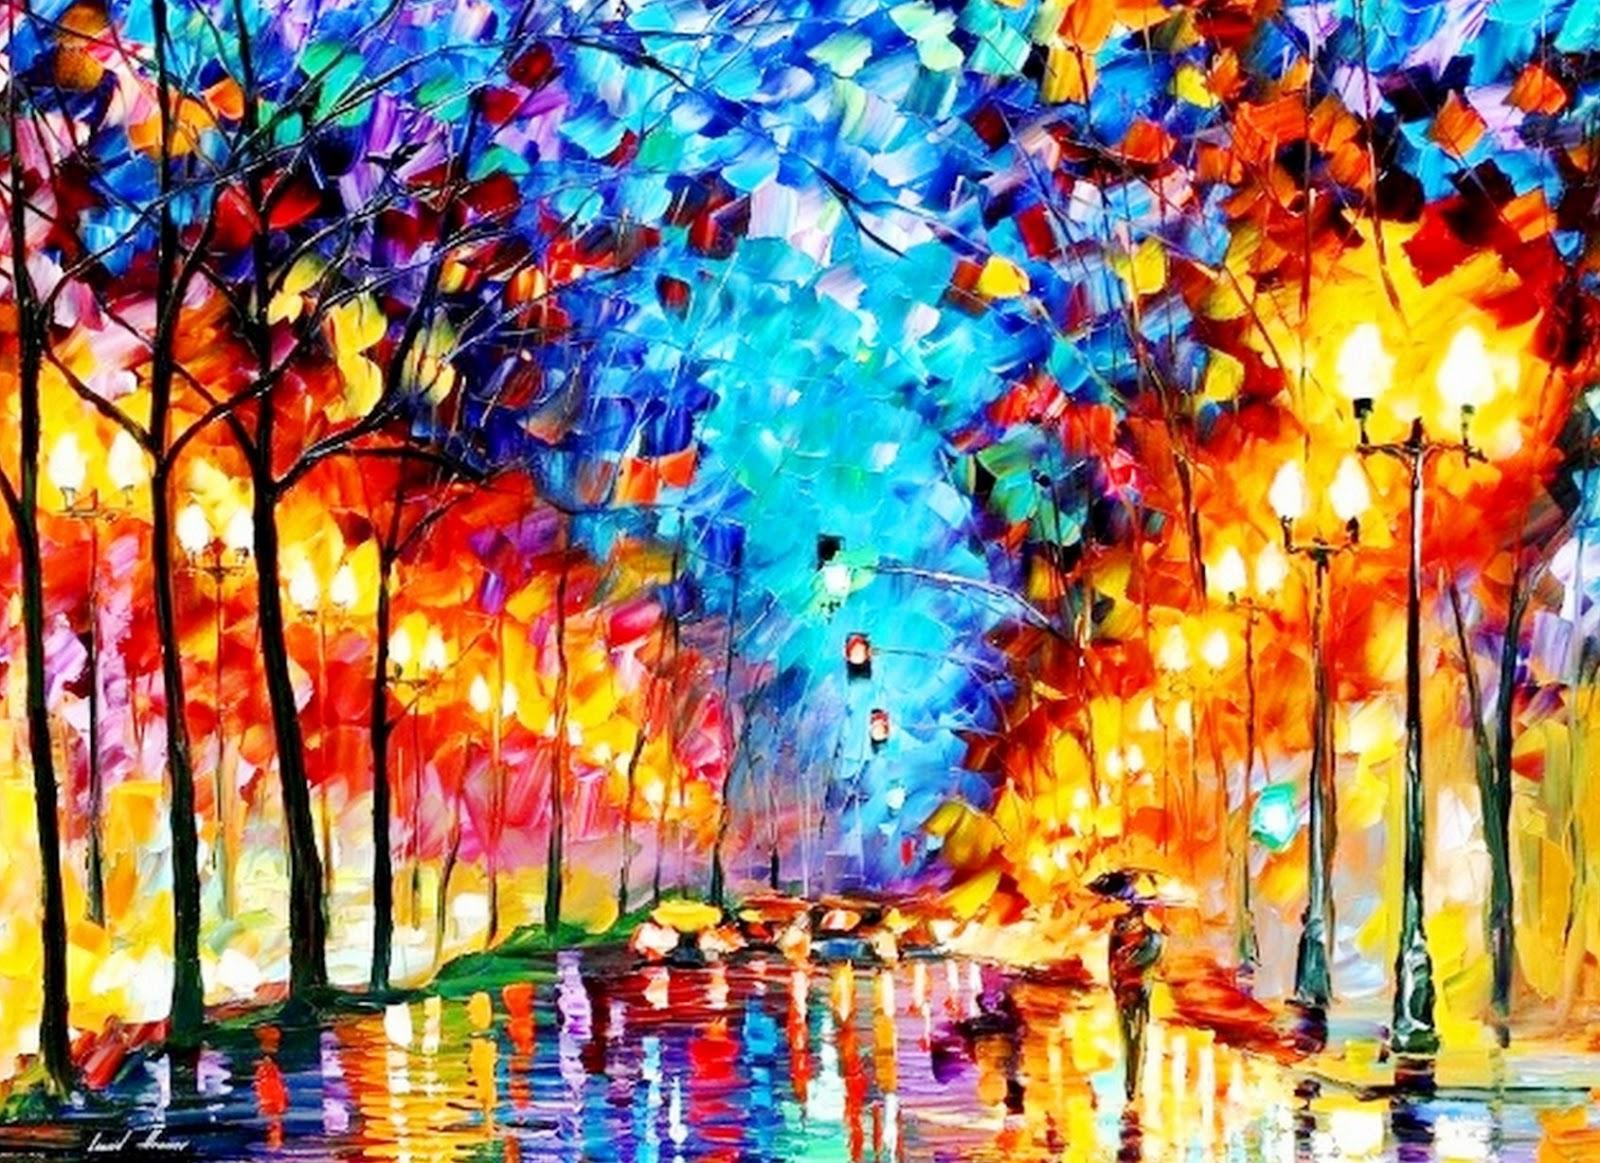 Pintura moderna y fotograf a art stica pinturas con - Pintar un cuadro moderno ...